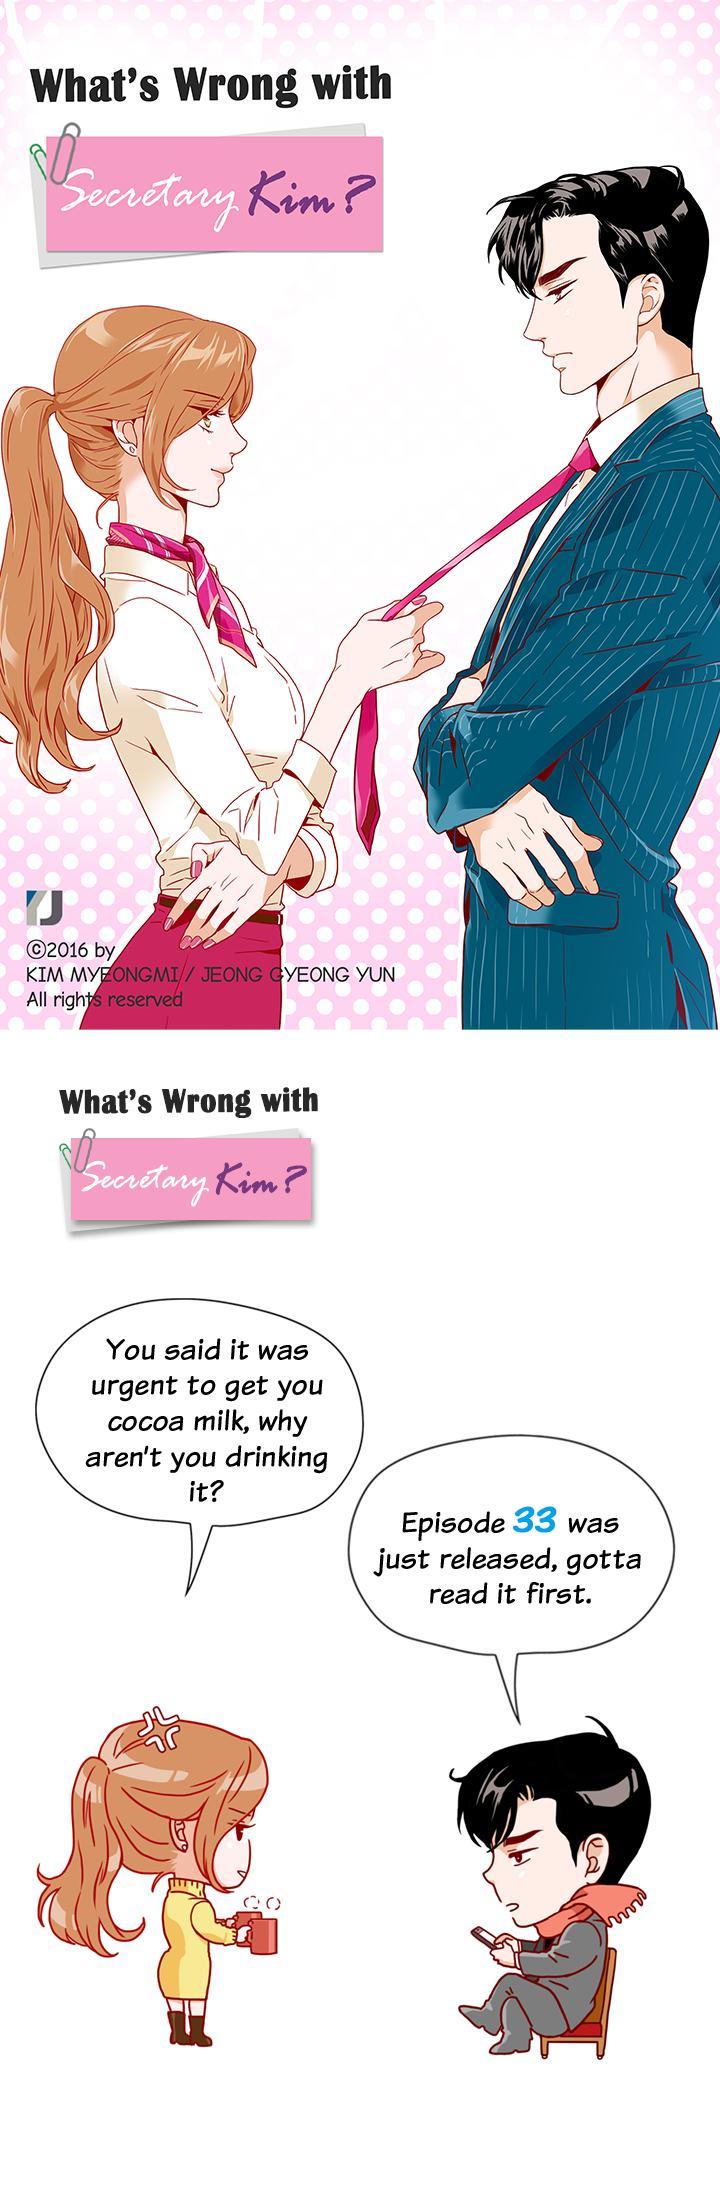 https://manga.mangadogs.com/comics/pic2/15/25807/960690/8617b31b32d951074cf0914d79c1299a.jpg Page 1